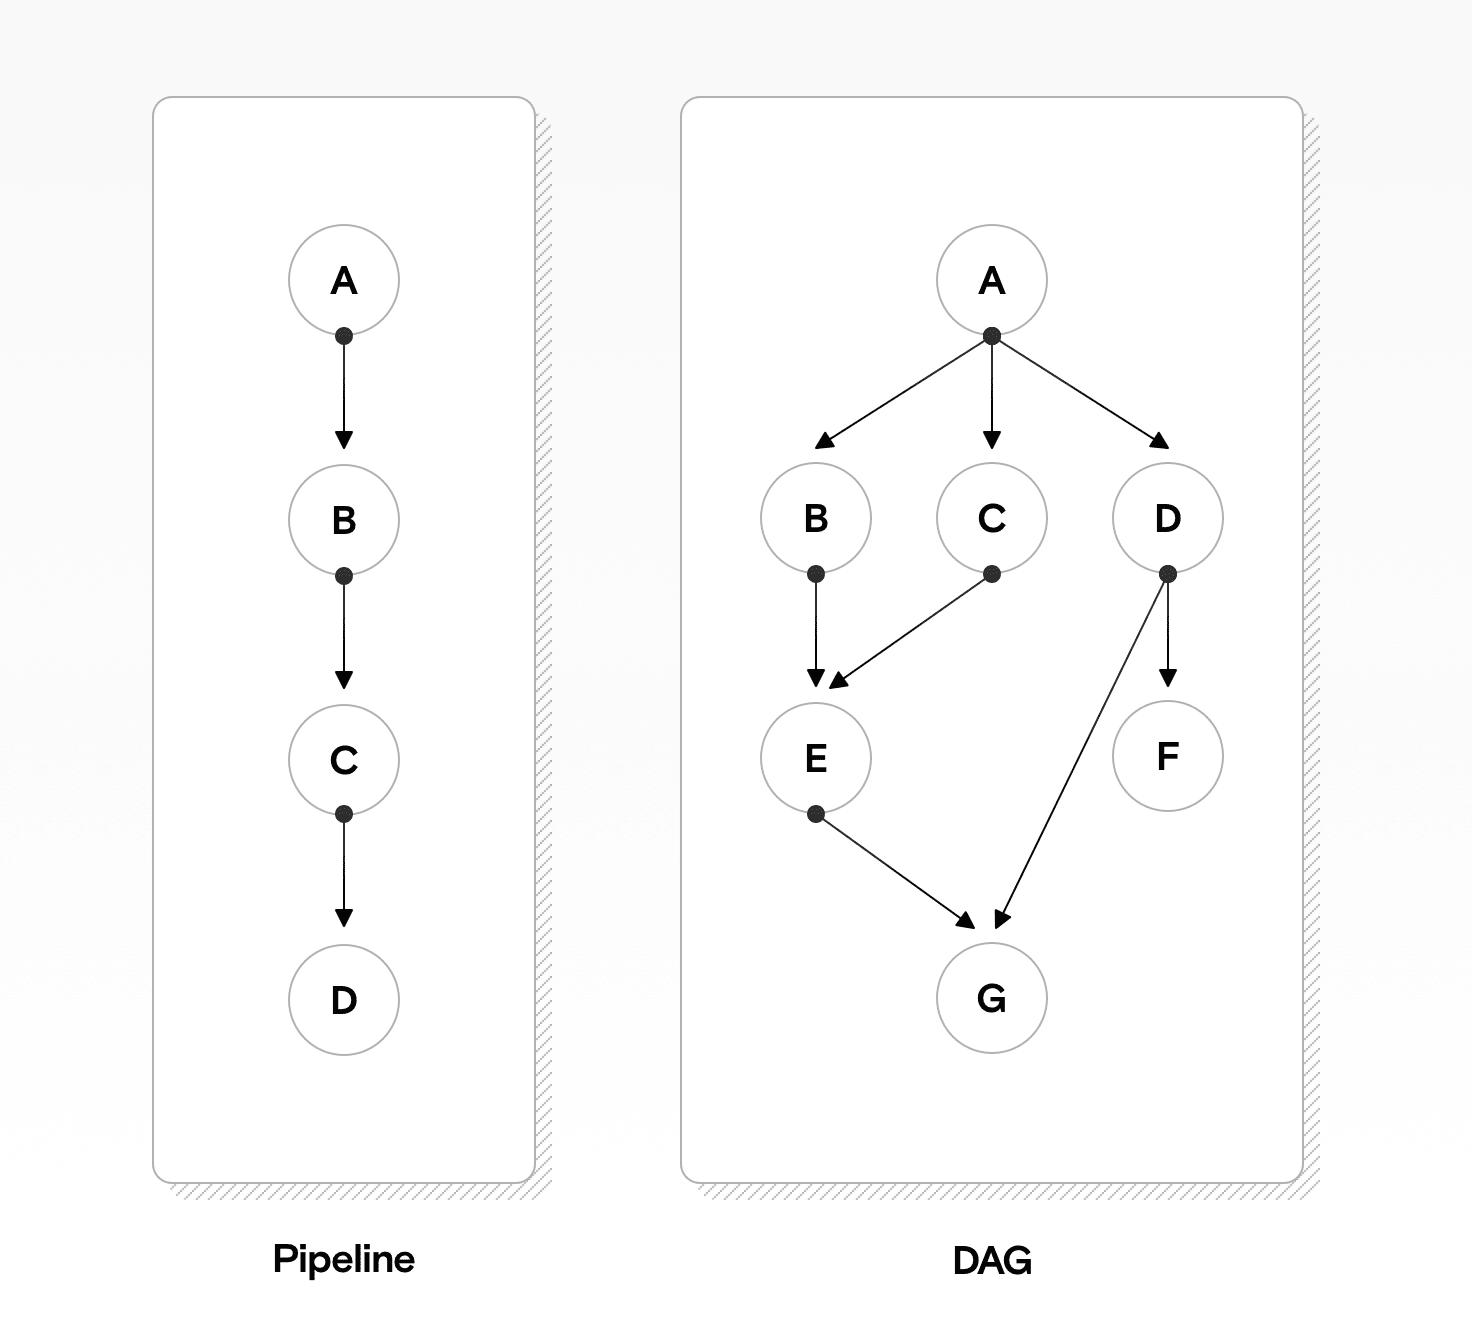 Ein Diagramm, das eine Pipeline mit einfach verknüpften Tasks und ein DAG mit komplexeren Verbindungen zeigt.